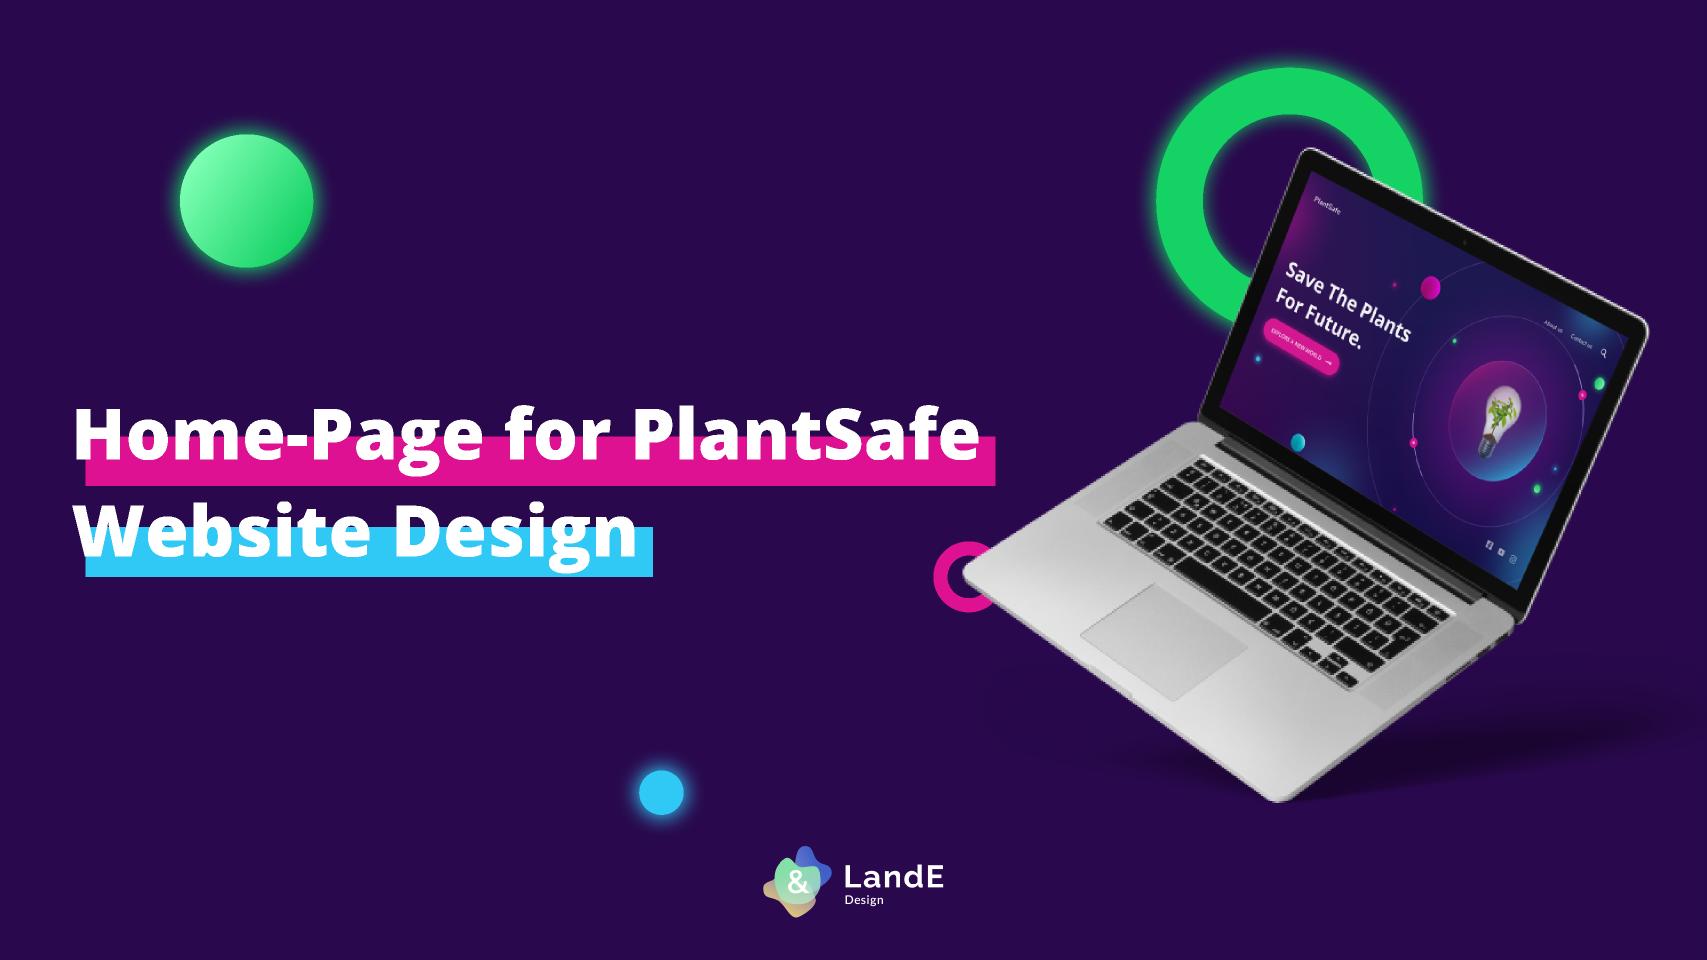 Home-Page for Plantsafe figma free